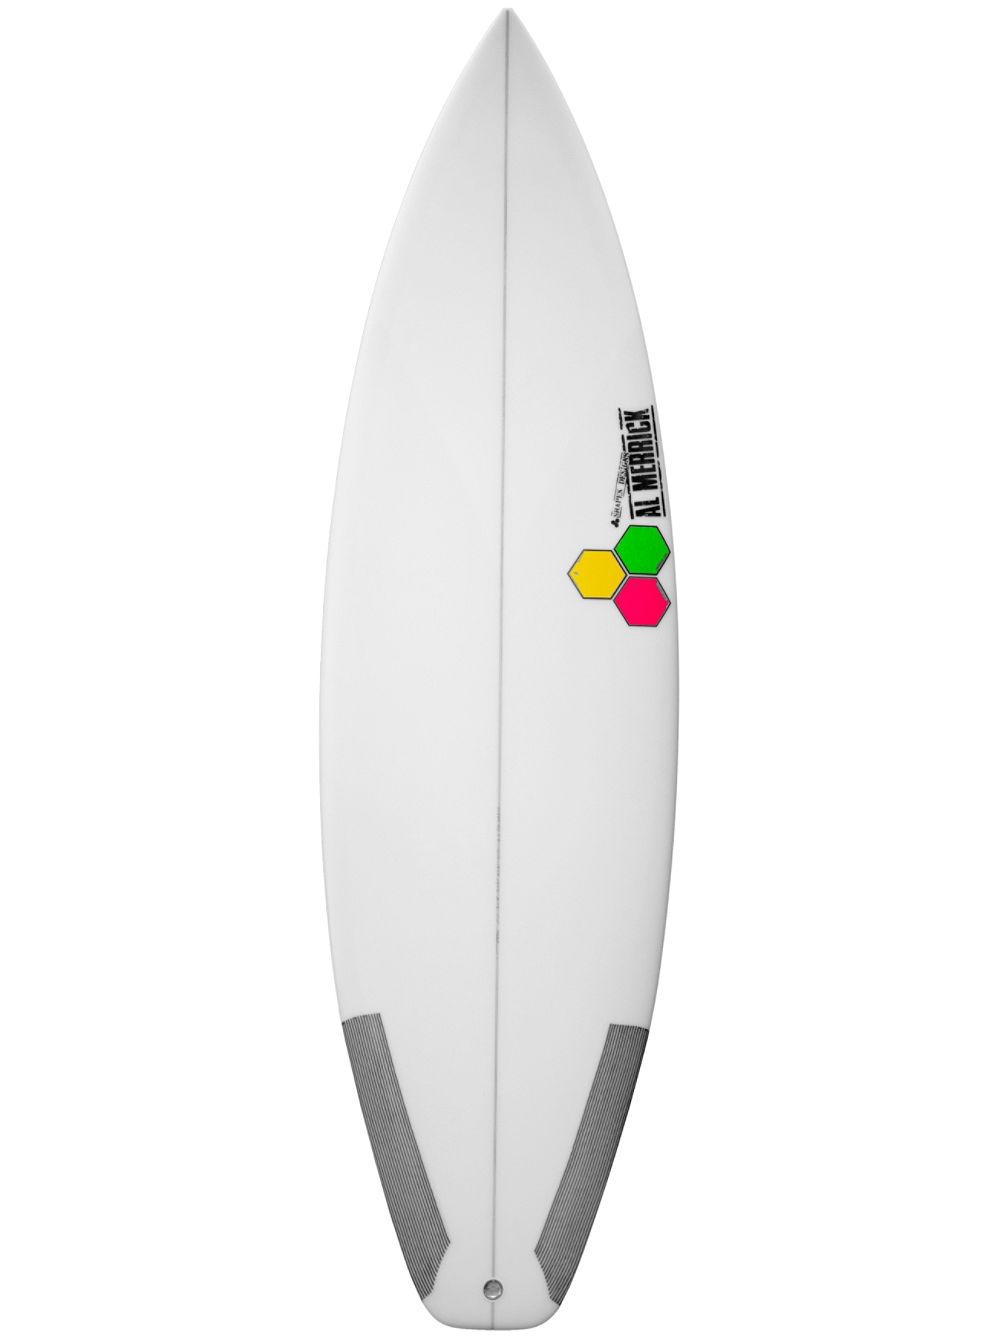 Compra channel island new flyer 6 39 2 tavola da surf online - Misure tavole da surf ...